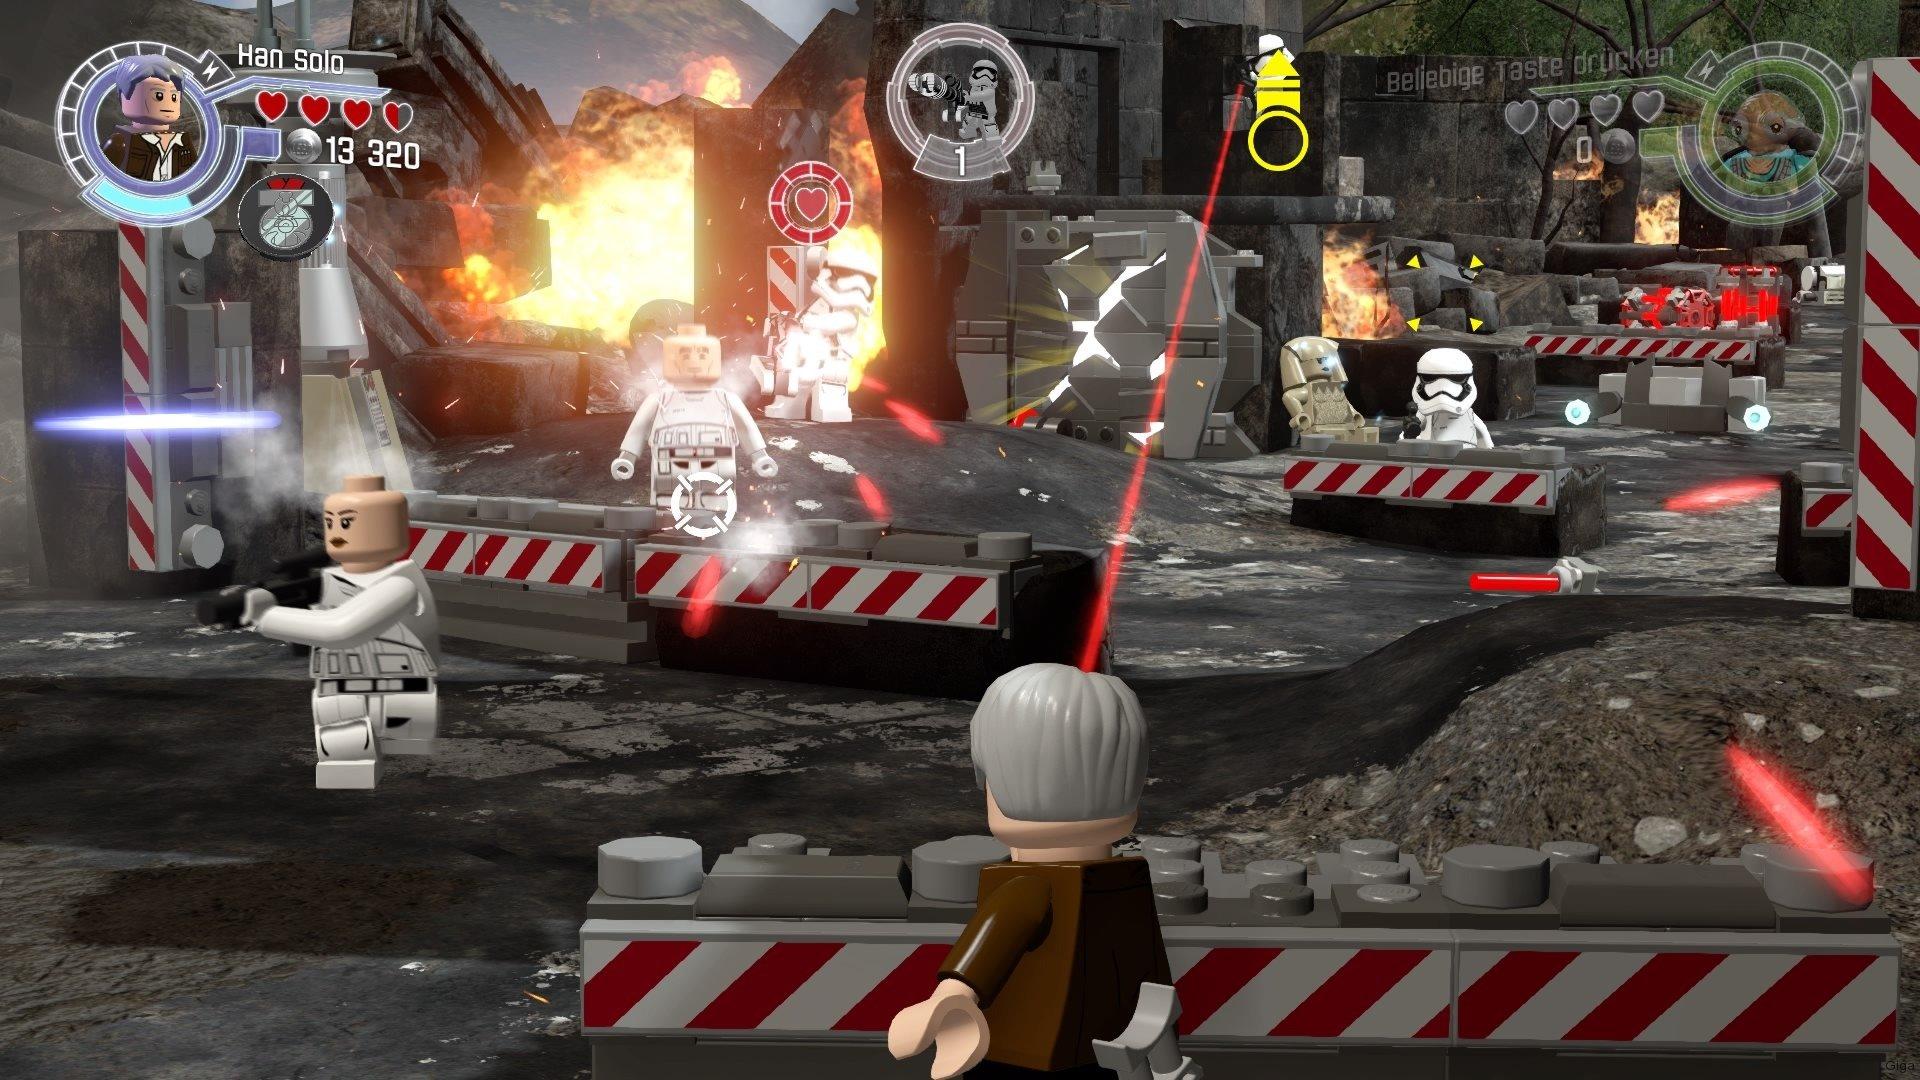 Tolle Star Wars Bilder Zum Freien Drucken Zeitgenössisch - Framing ...